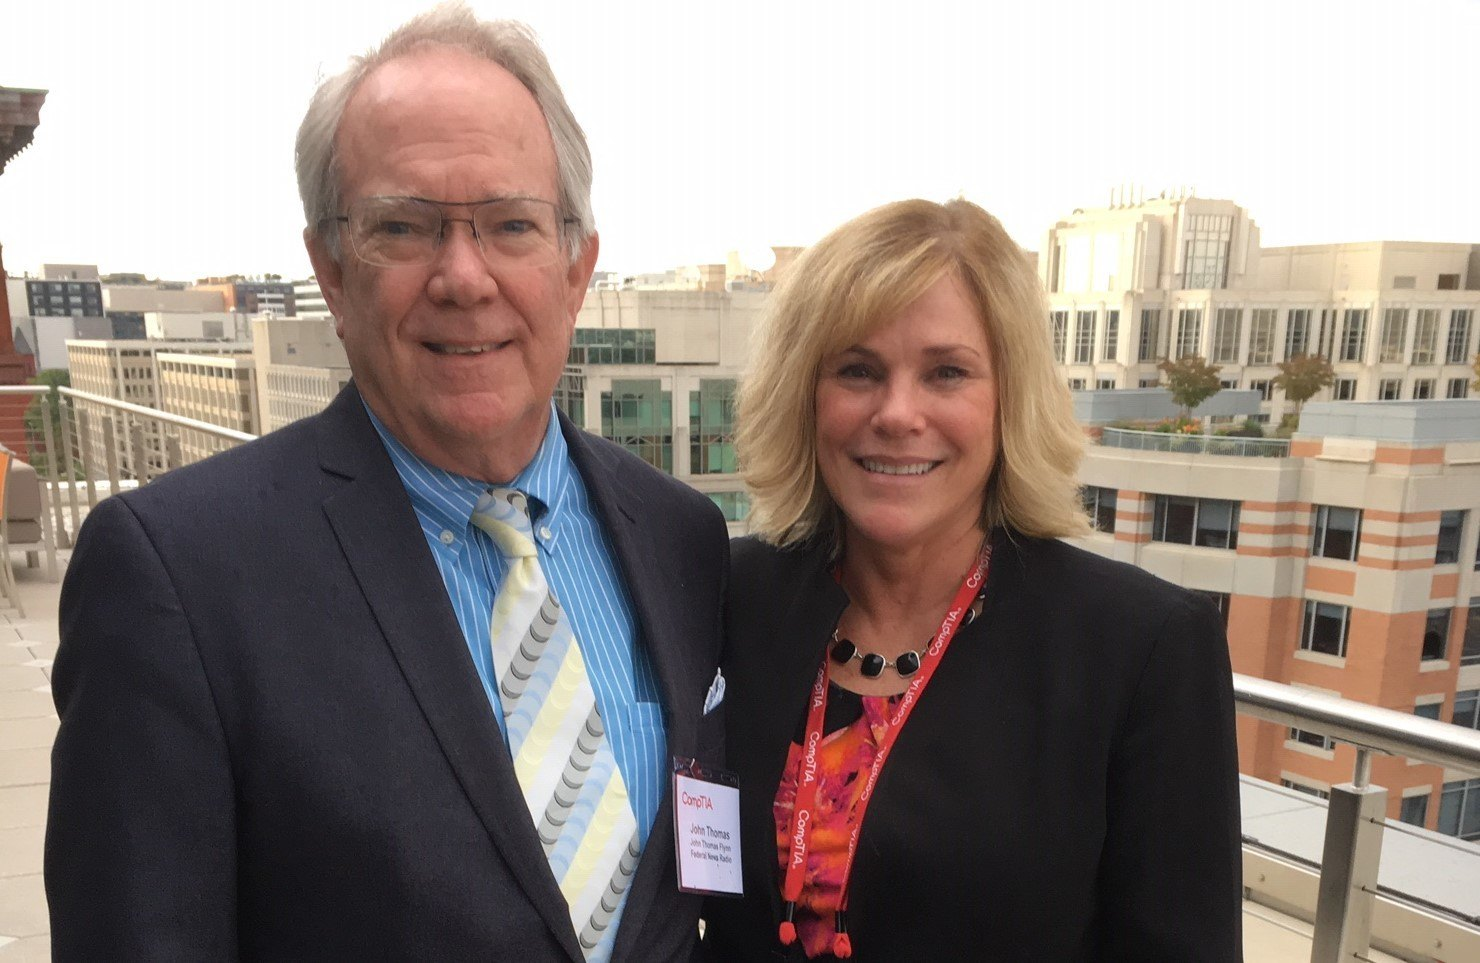 Eileen Cazarpoul, CIO, John Thomas Flynn